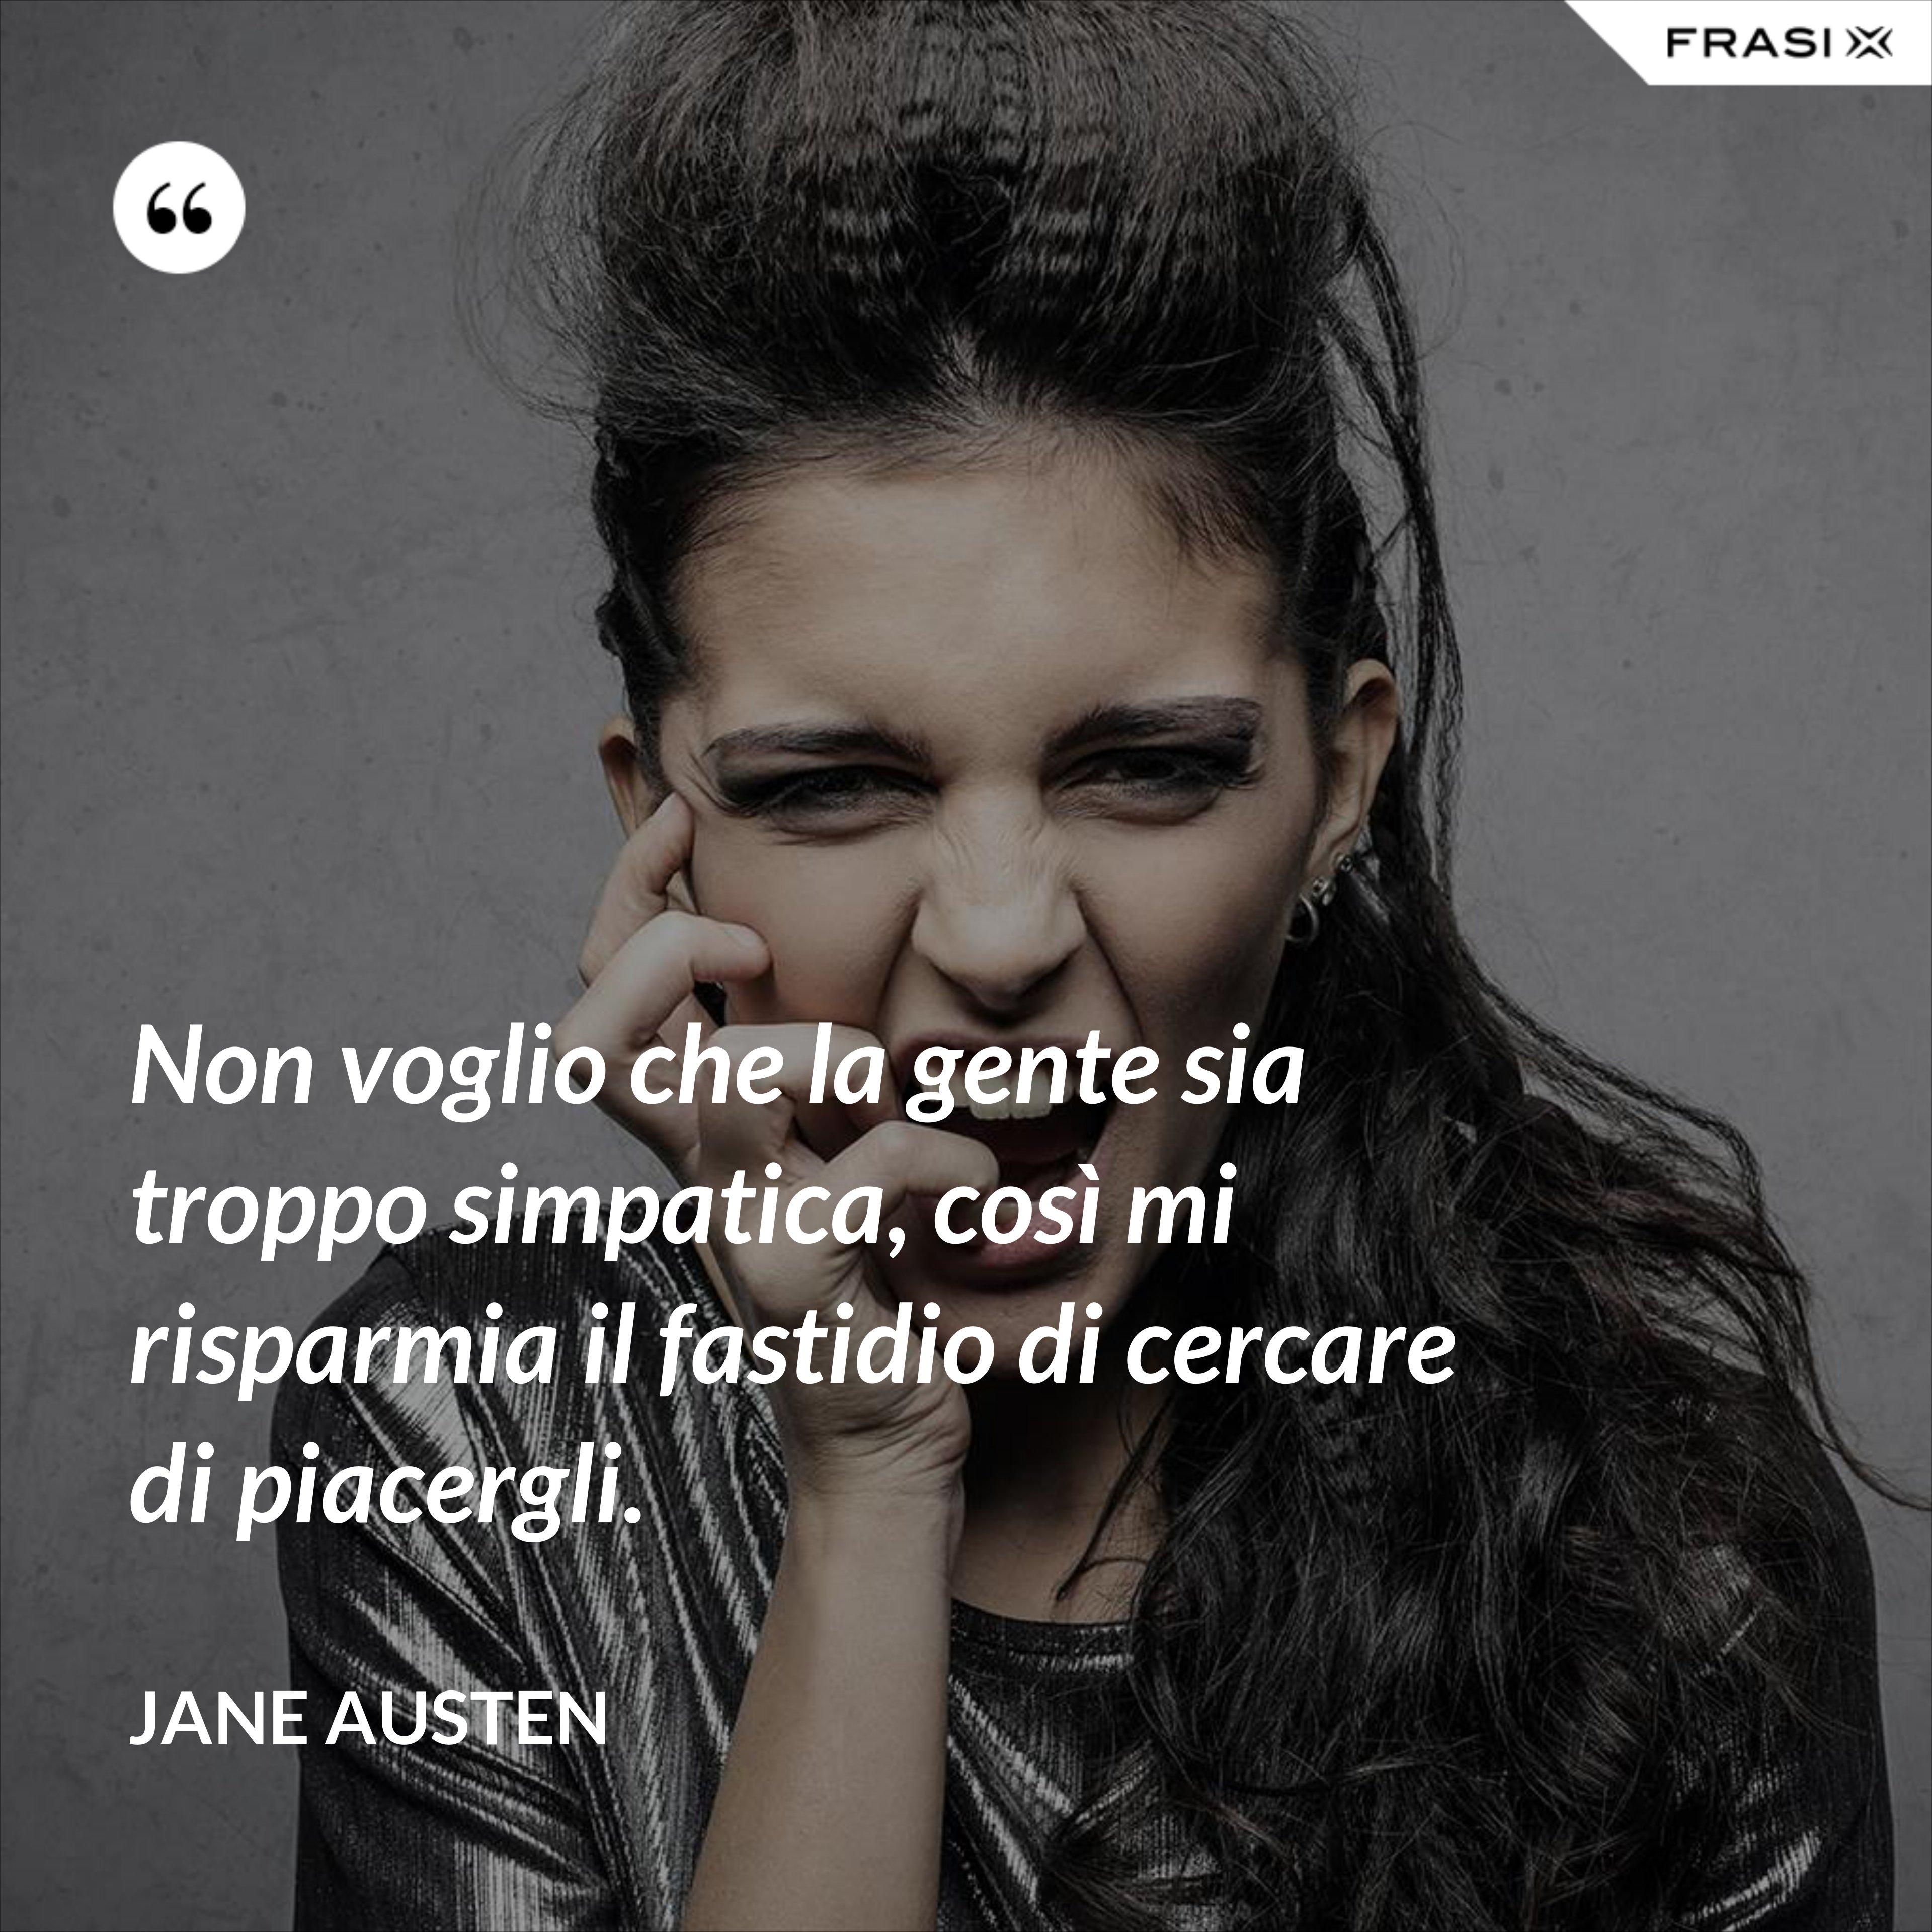 Non voglio che la gente sia troppo simpatica, così mi risparmia il fastidio di cercare di piacergli. - Jane Austen